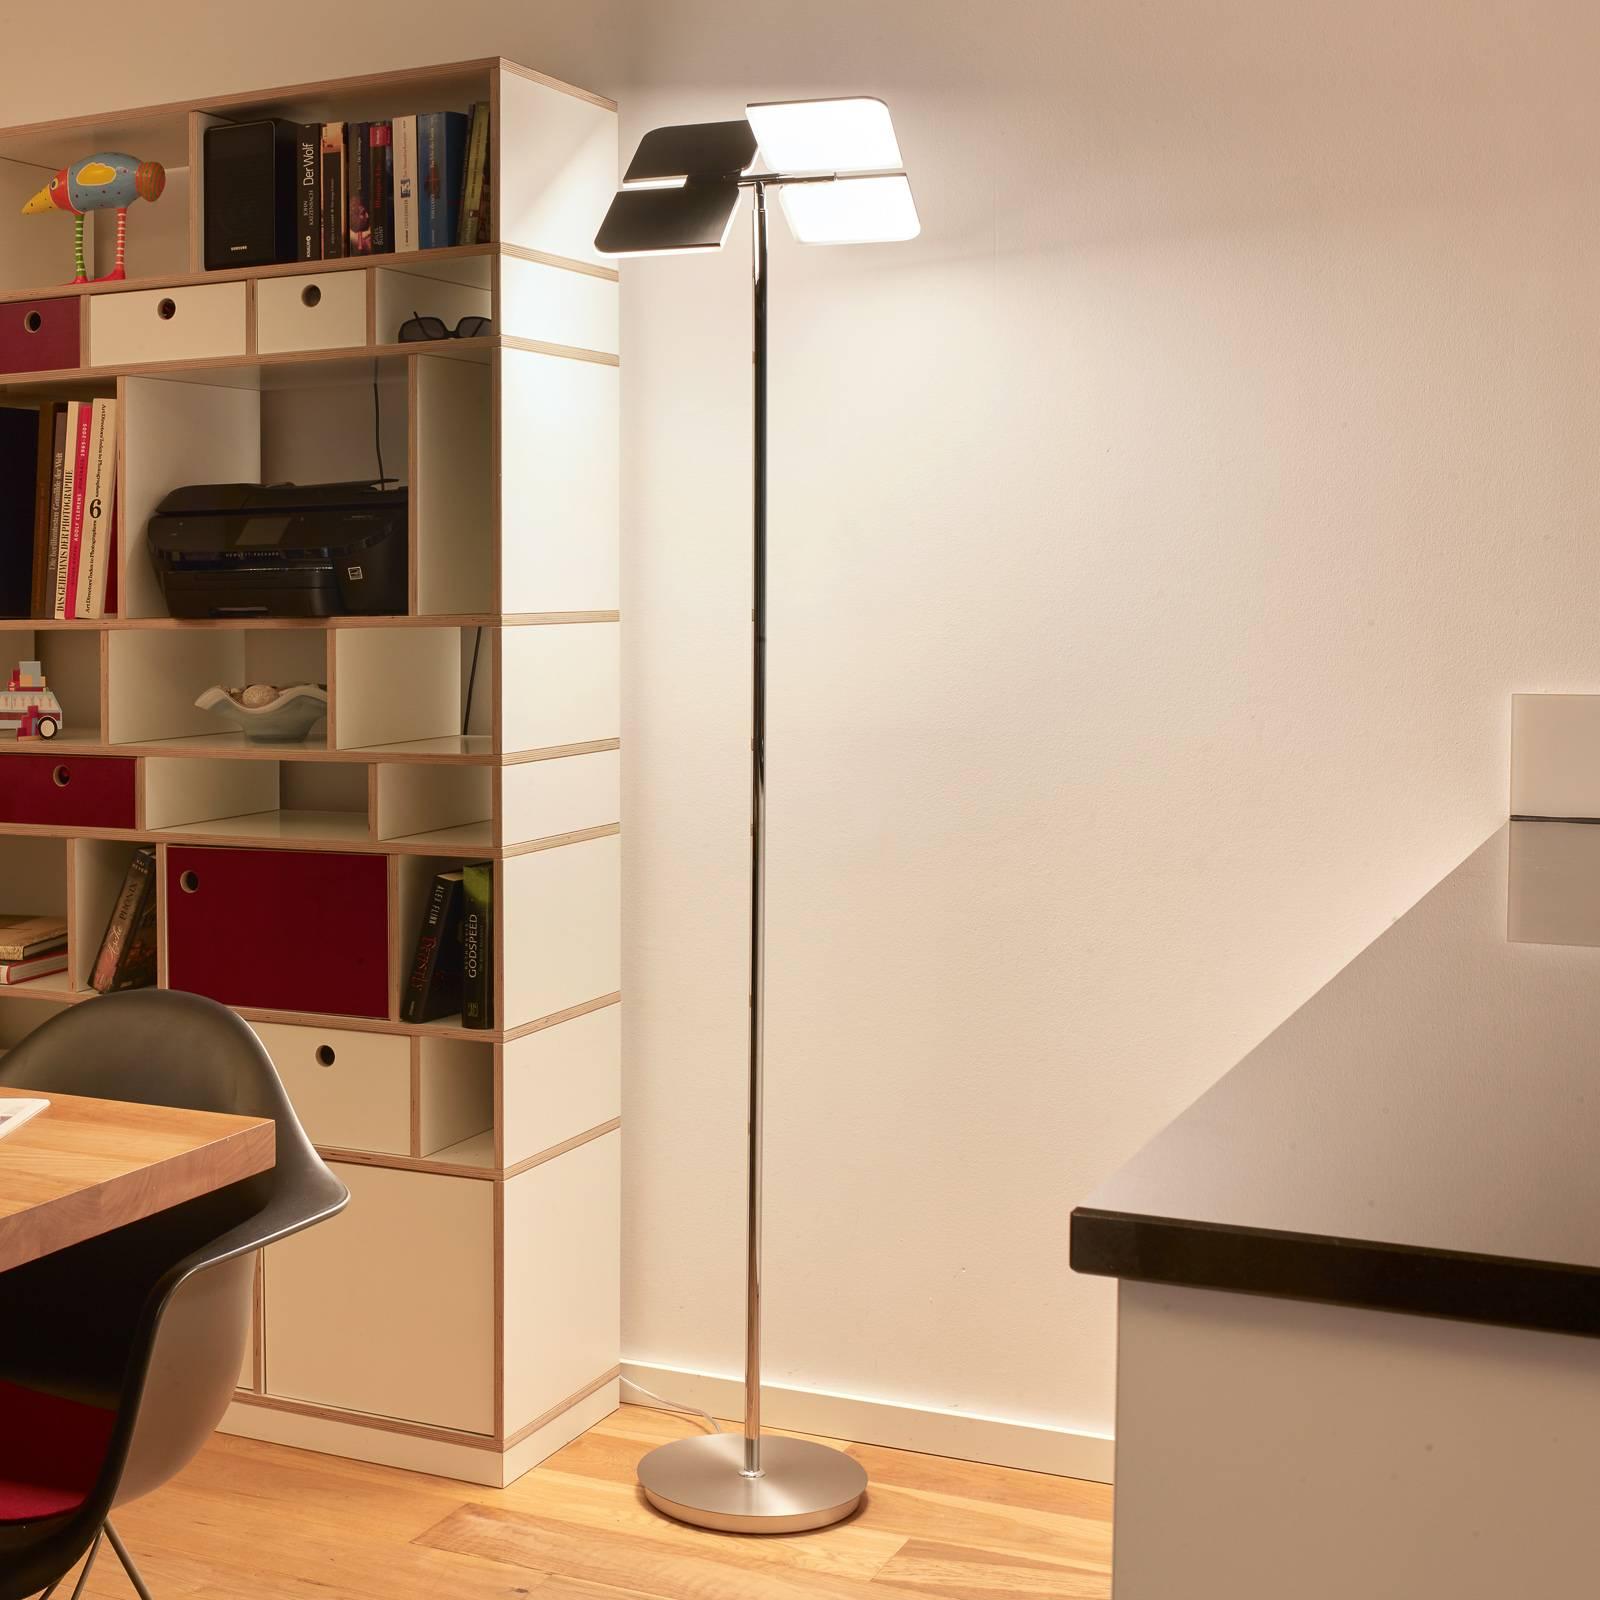 BANKAMP Quadrifoglio lampadaire LED, 2700-6500K